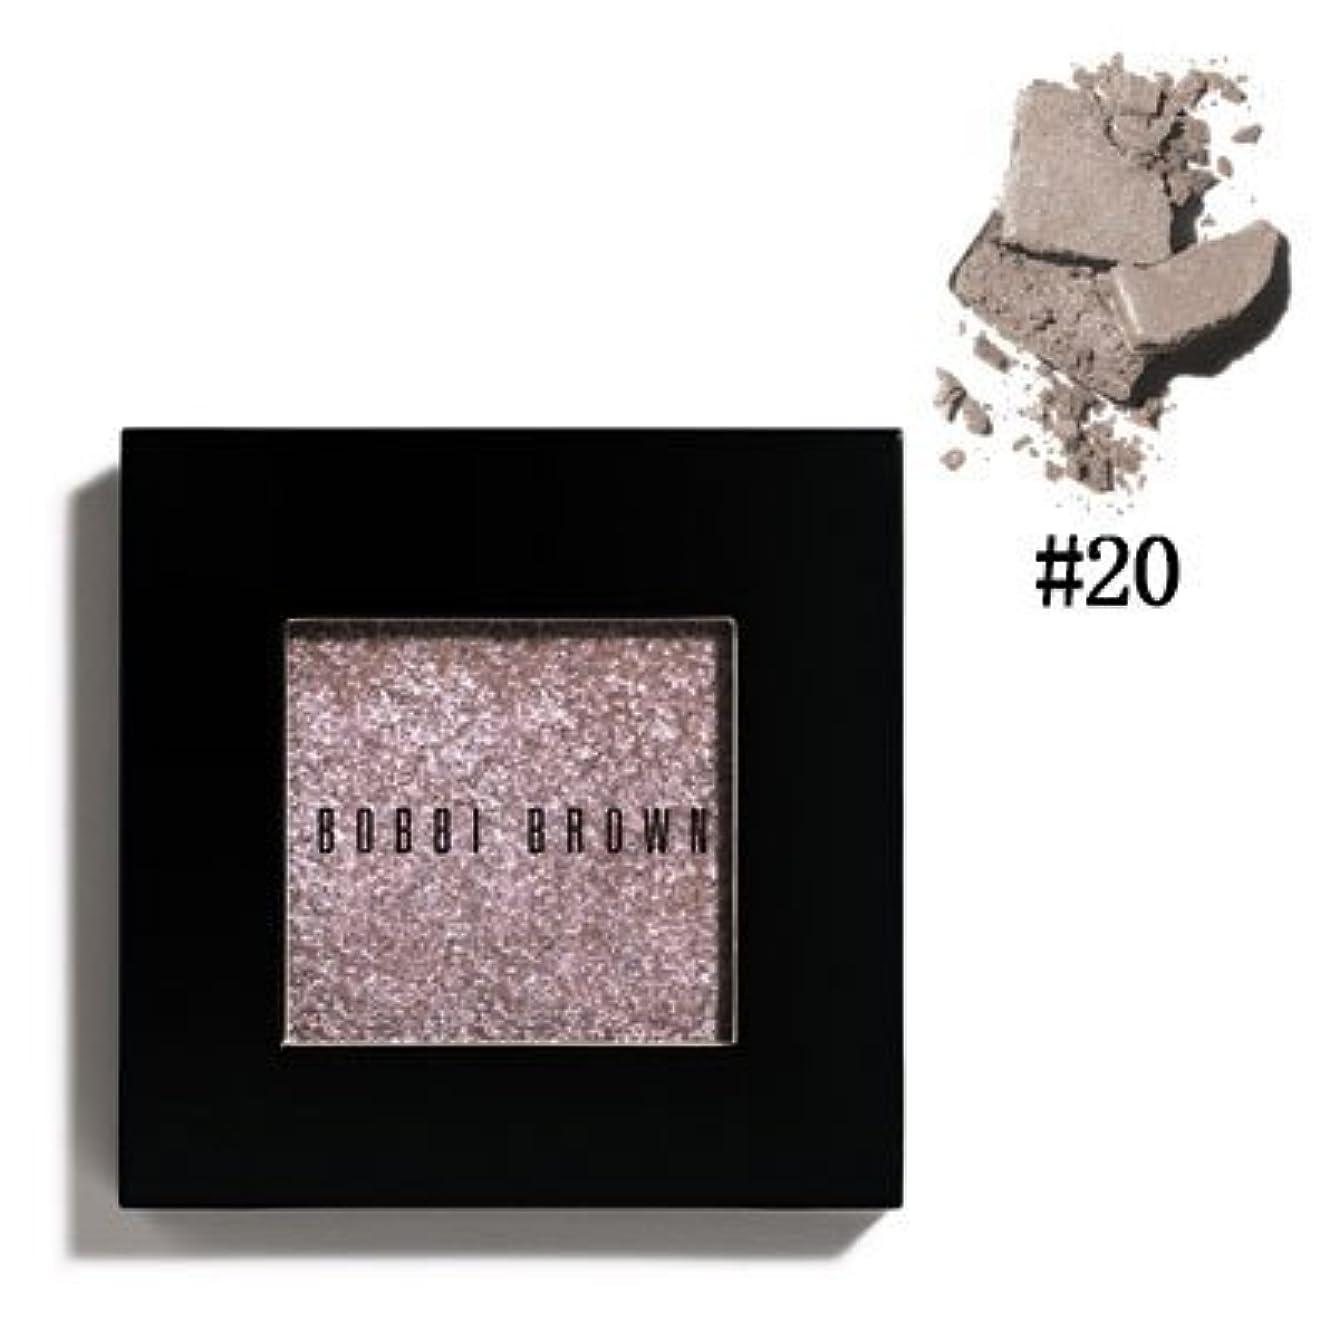 雄大な追加列挙するBOBBI BROWN ボビイ ブラウン スパークル アイシャドウ #20 Cement 3g [並行輸入品]